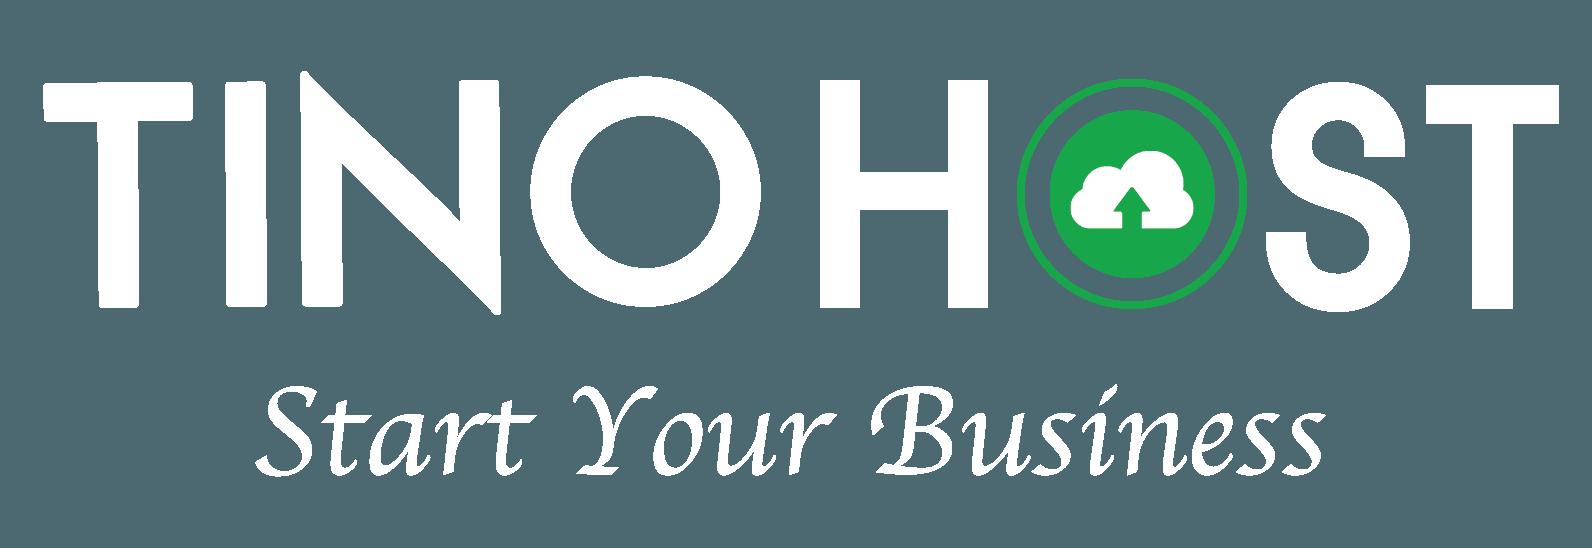 Nhà cung cấp Cloud Hosting, Tên Miền, VPS #1 Việt Nam – TinoHost.com